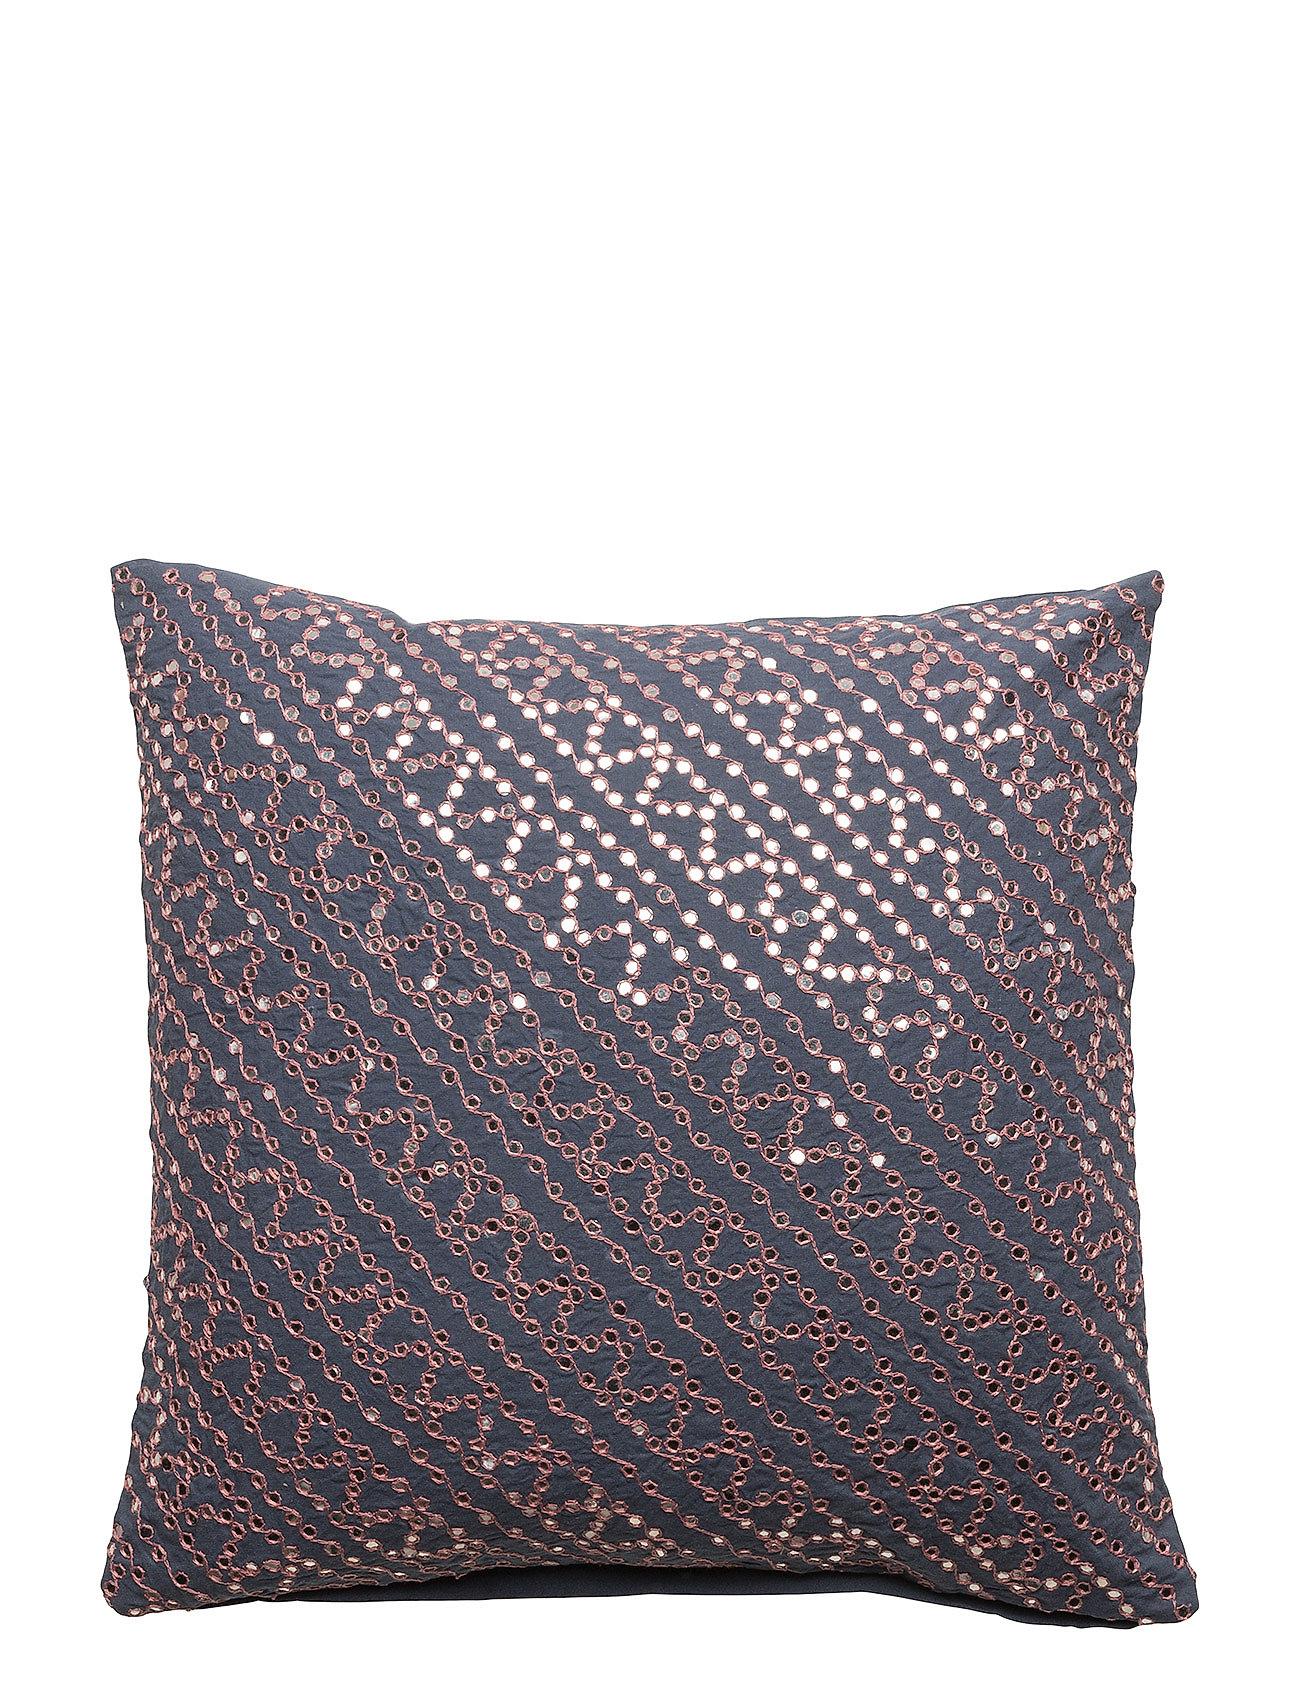 DAY Home Tiny Mirror (Night Sky) Cushion Cover - NIGHT SKY. MIRRORS